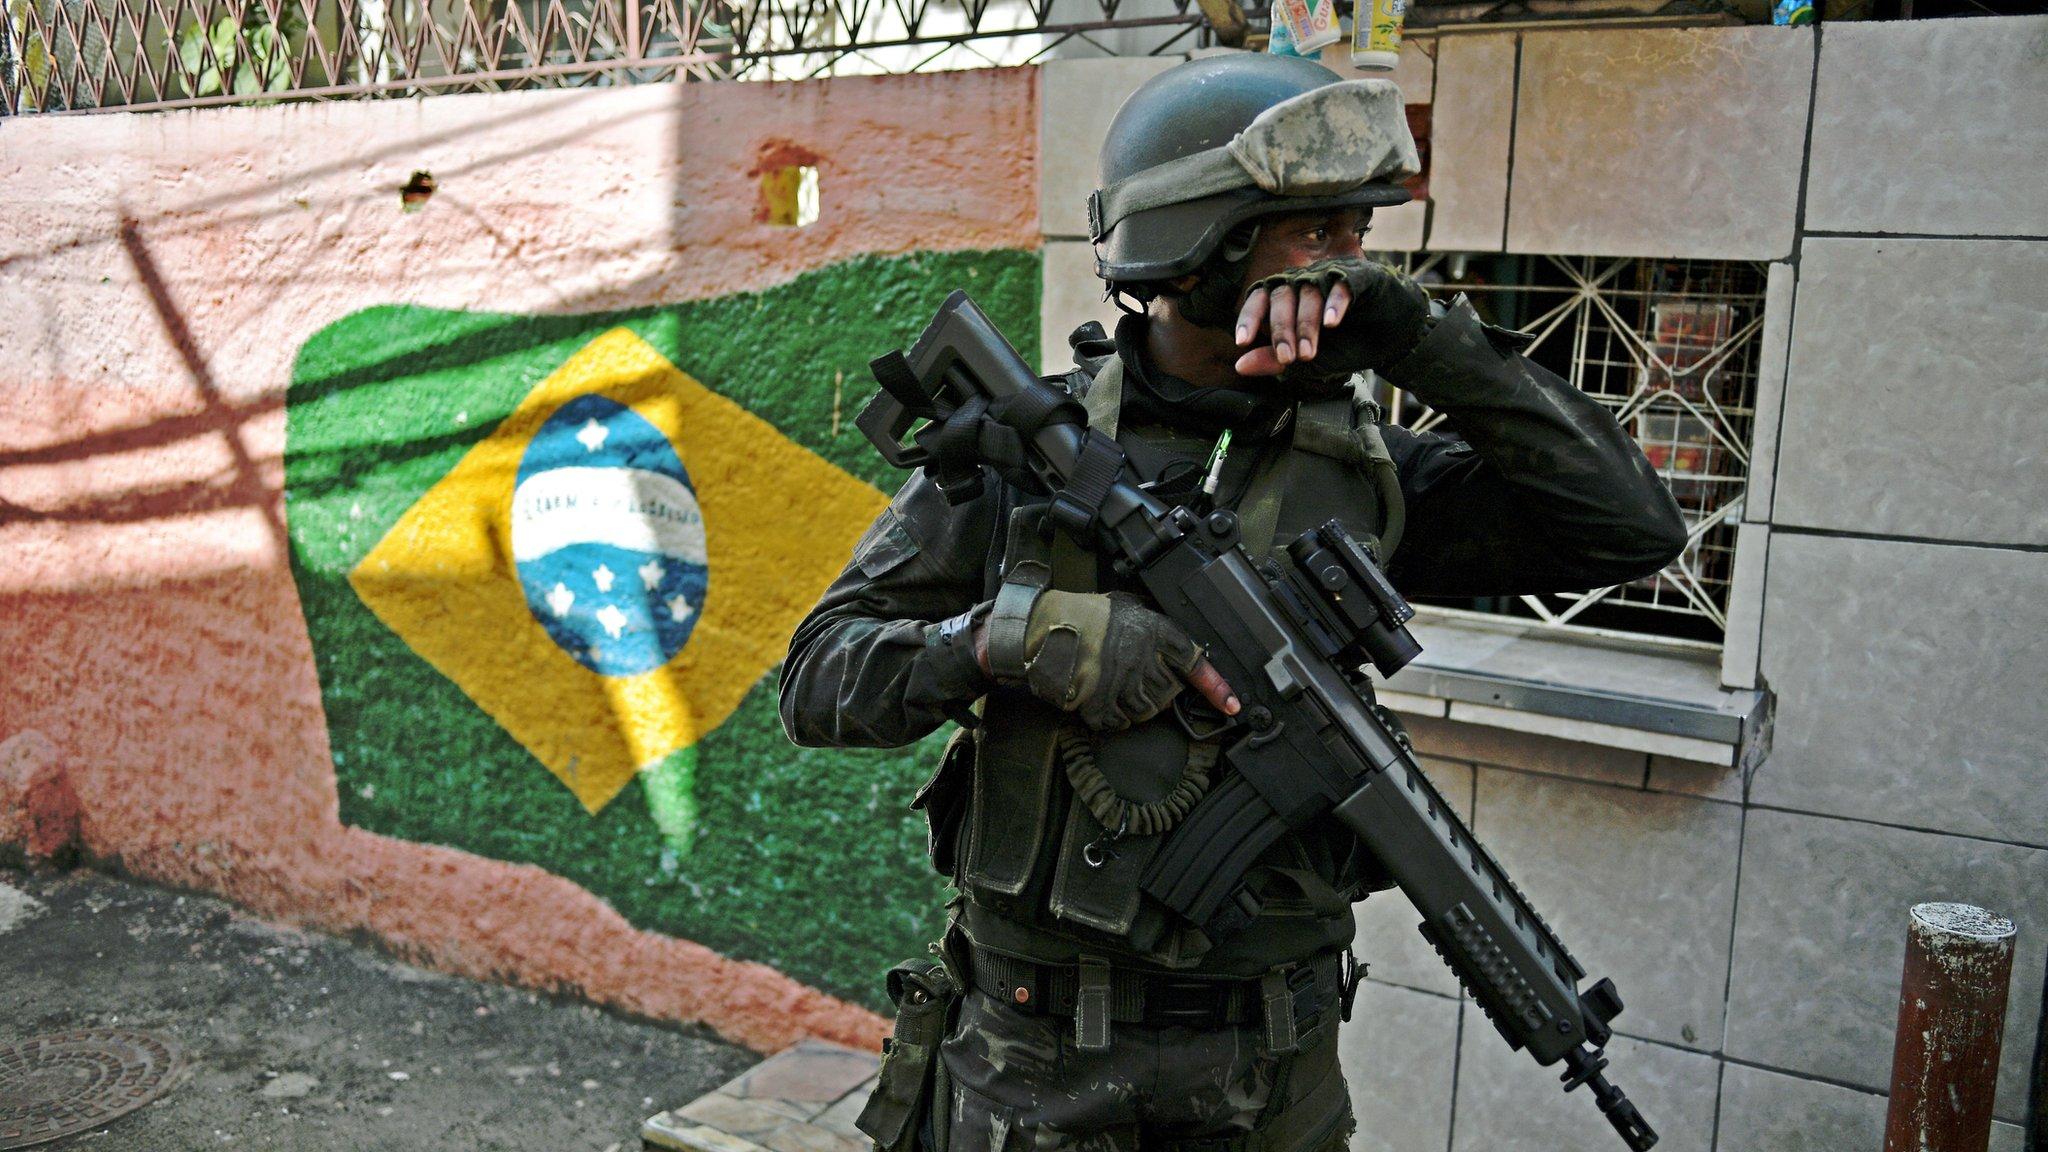 Rio de Janeiro violence: Brazil army to take control of security